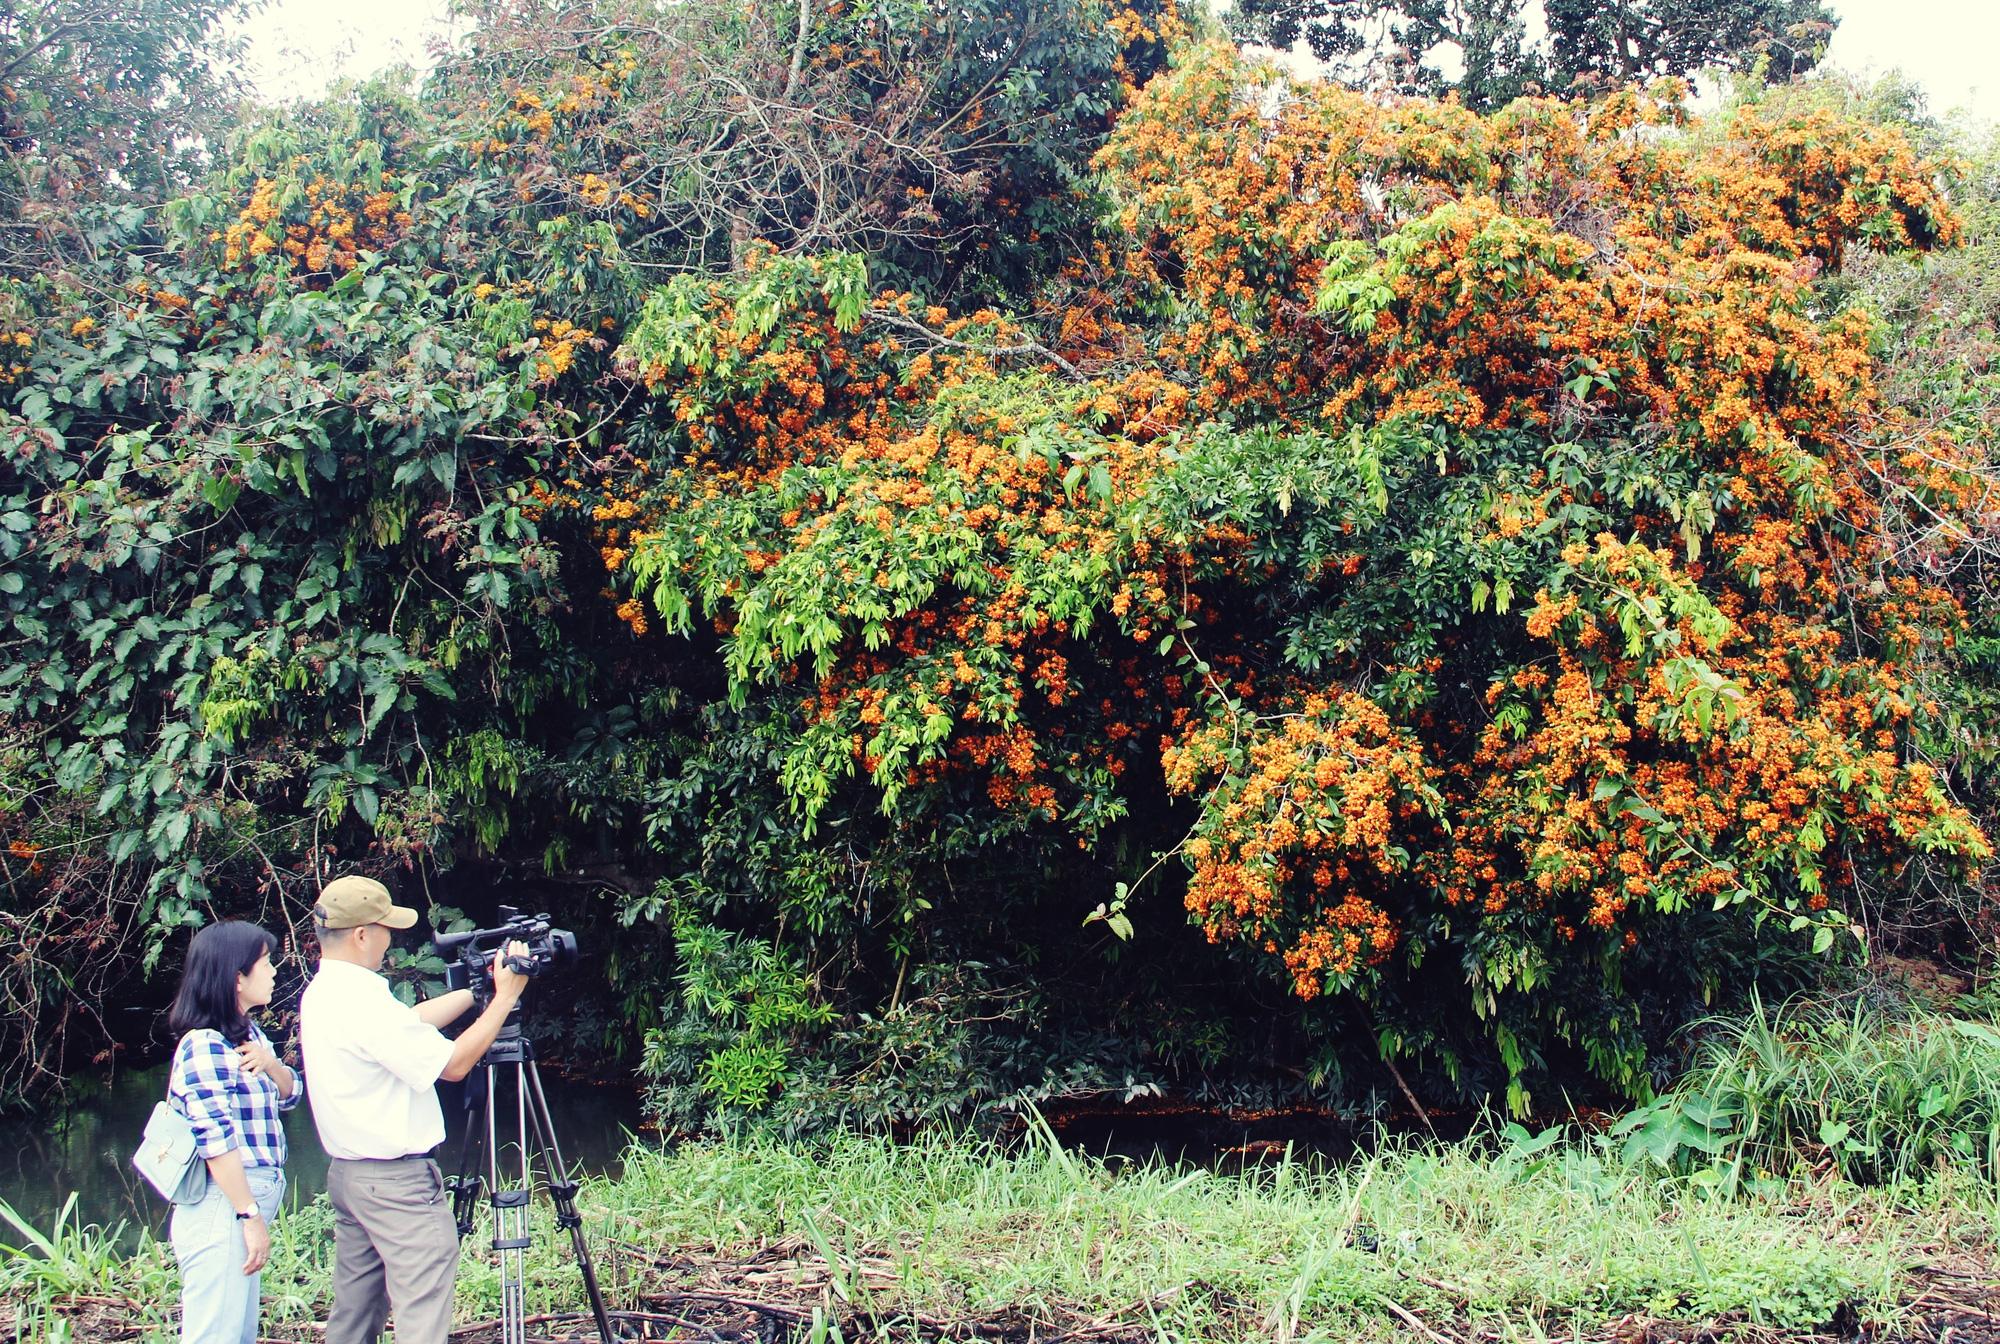 Phú Yên: Đẹp mê mẩn hoa trang rừng cổ thụ bung nở rực rỡ - Ảnh 5.